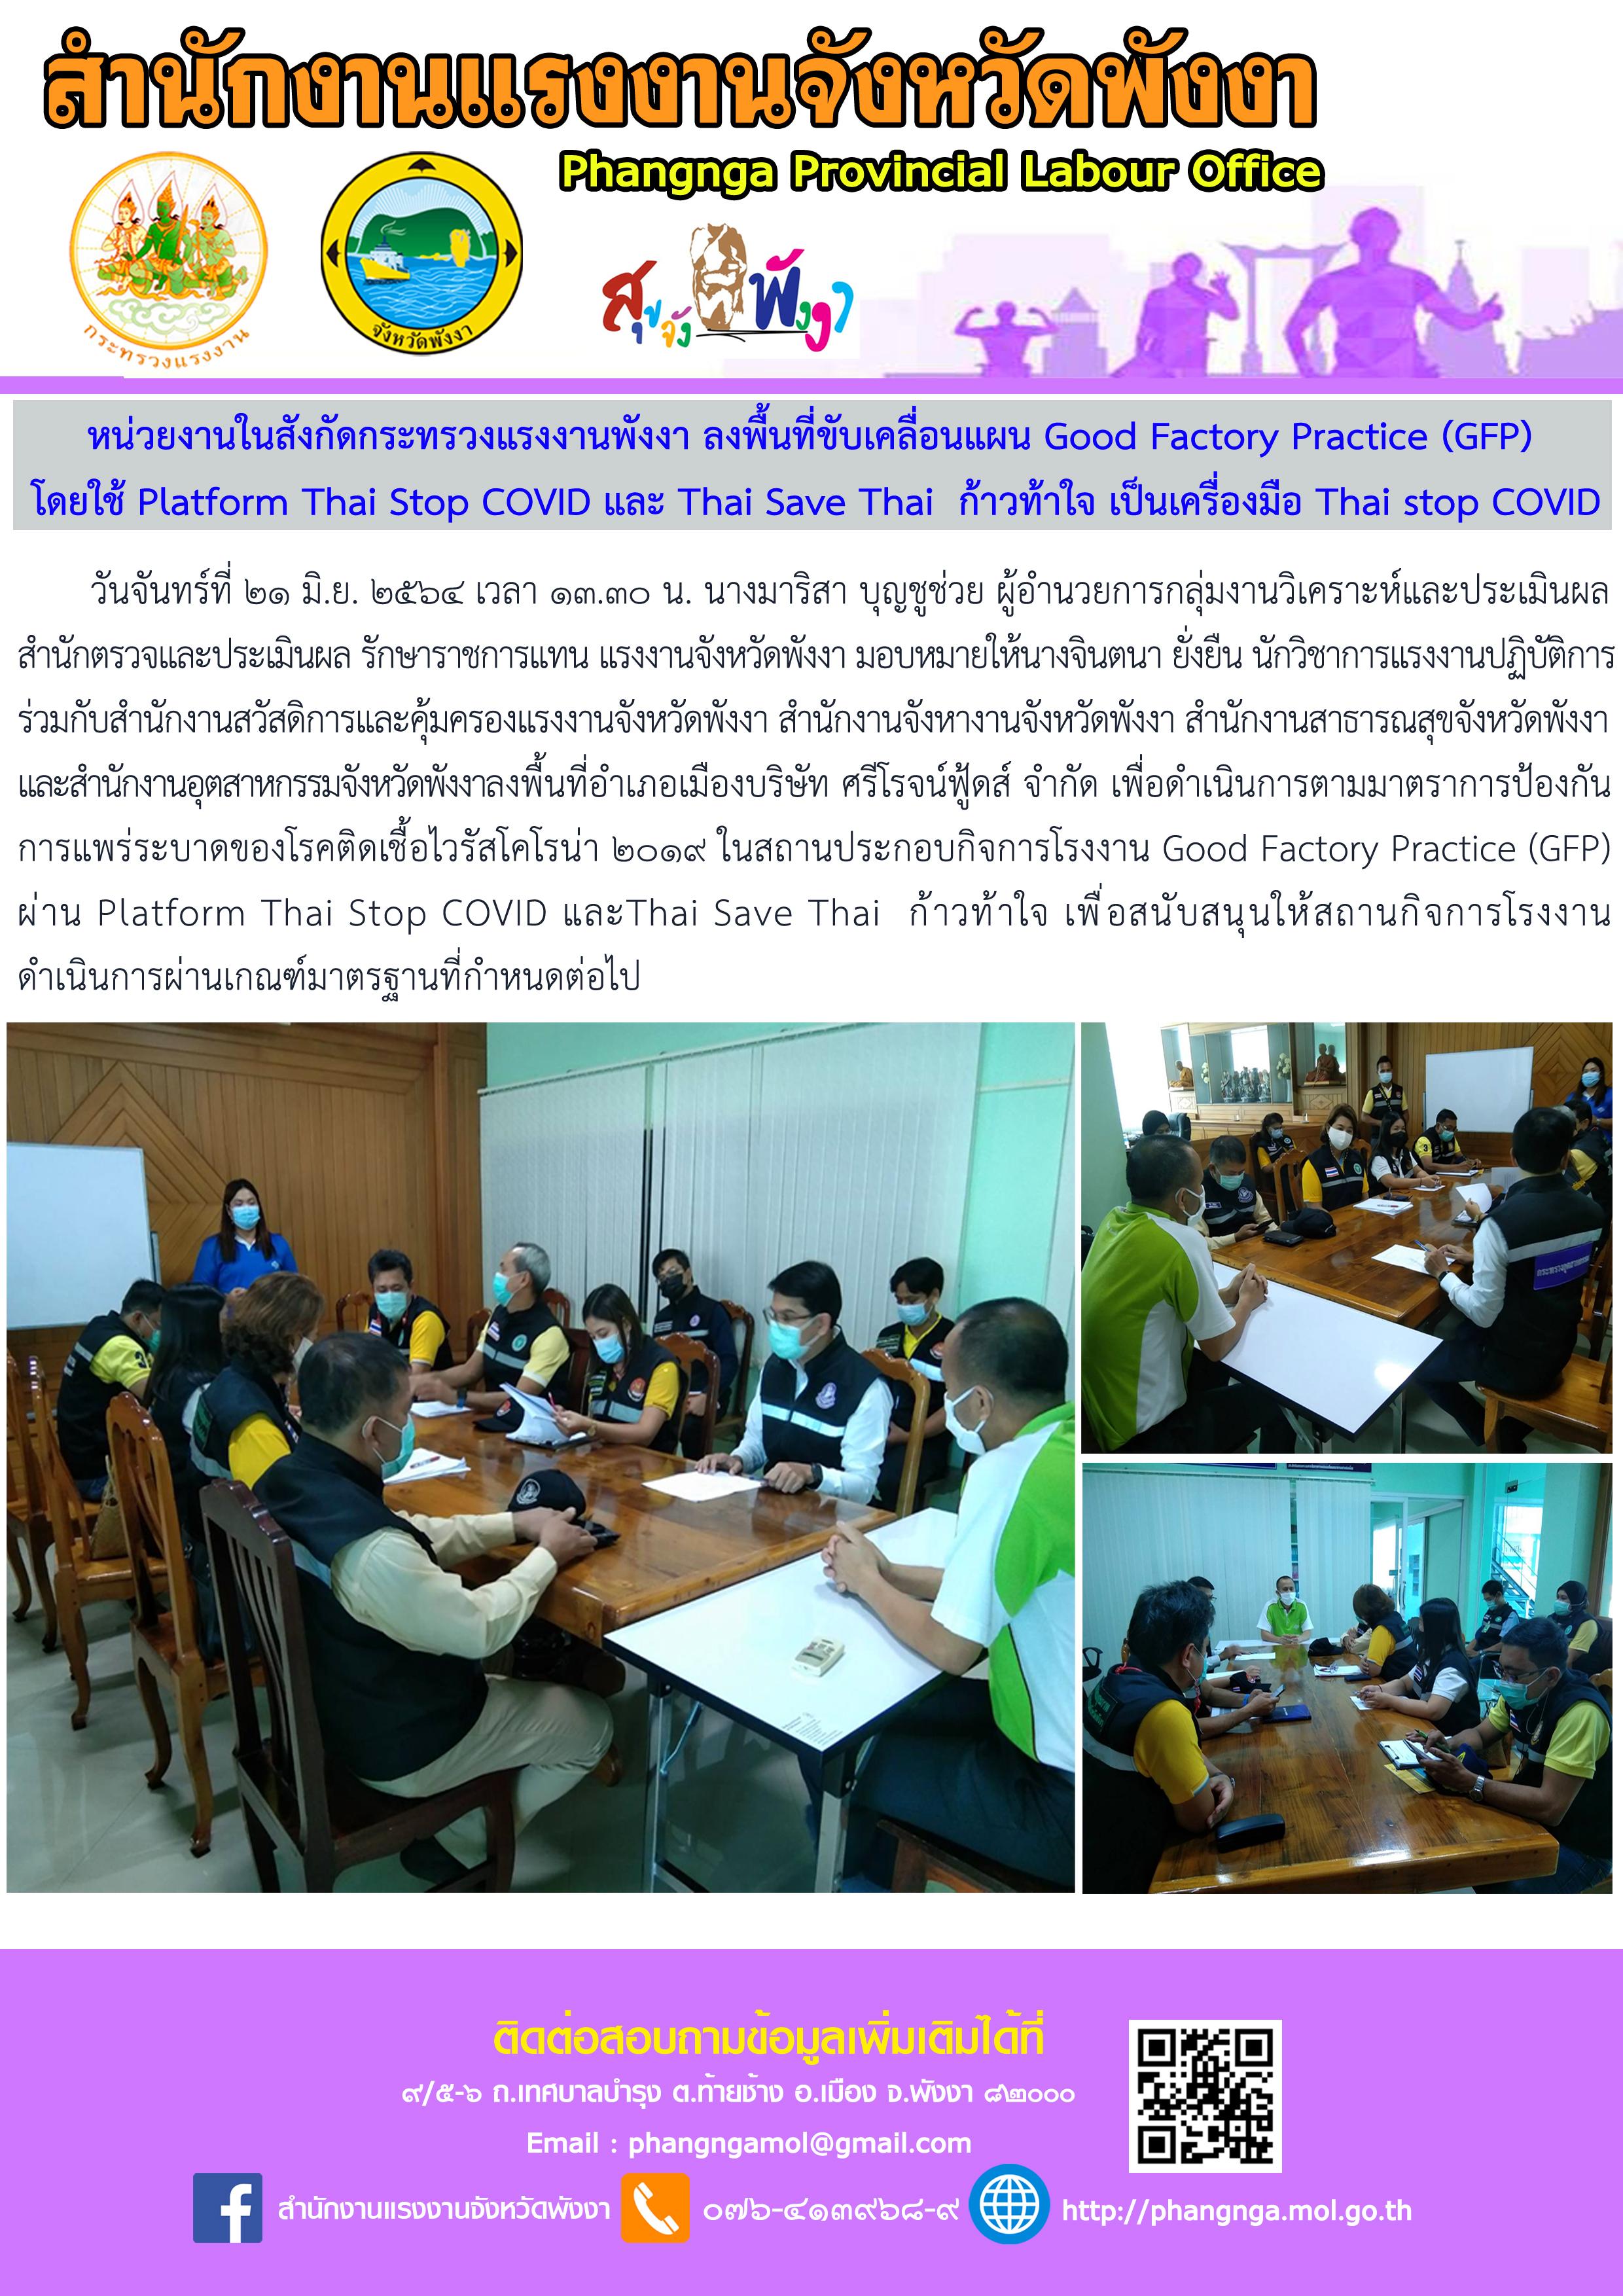 หน่วยงานในสังกัดกระทรวงแรงงานพังงา ลงพื้นที่ขับเคลื่อนแผน Good Factory Practice (GFP)  โดยใช้ Platform Thai Stop COVID และ Thai Save Thai  ก้าวท้าใจ เป็นเครื่องมือ Thai stop COVID (อำเภอเมืองพังงา))